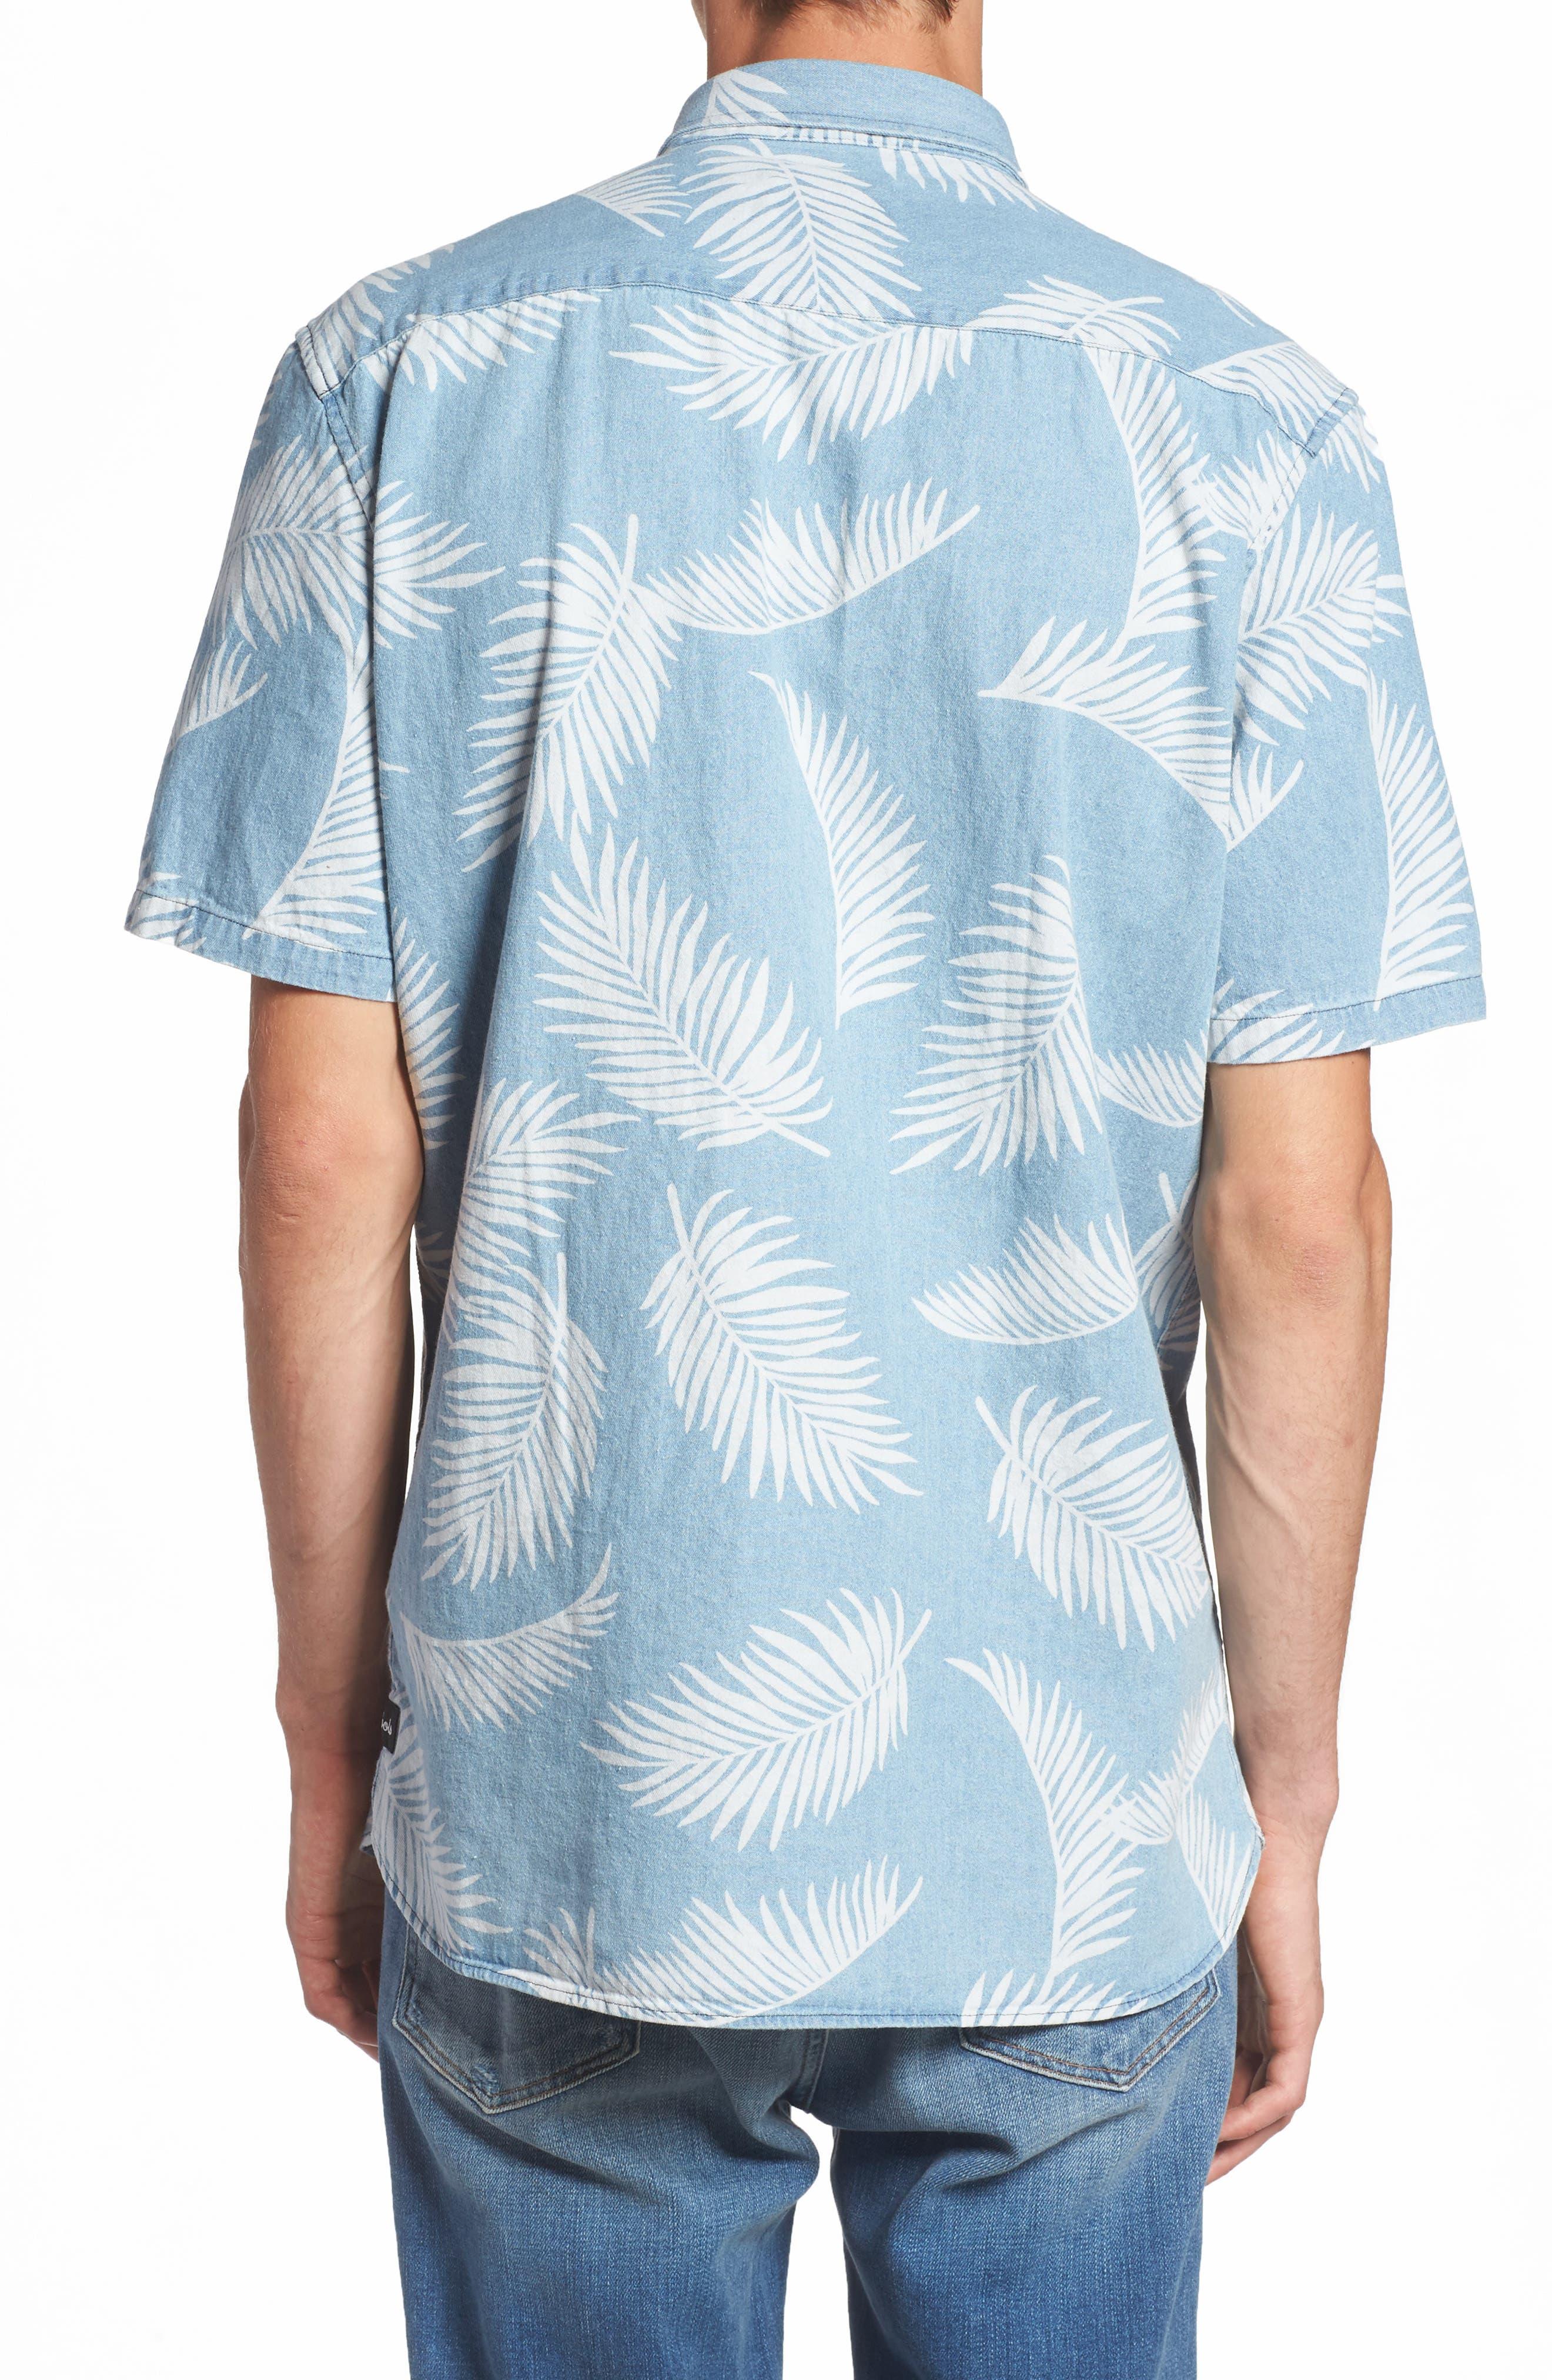 Bahamas Shirt,                             Alternate thumbnail 2, color,                             Indigo/ Floral